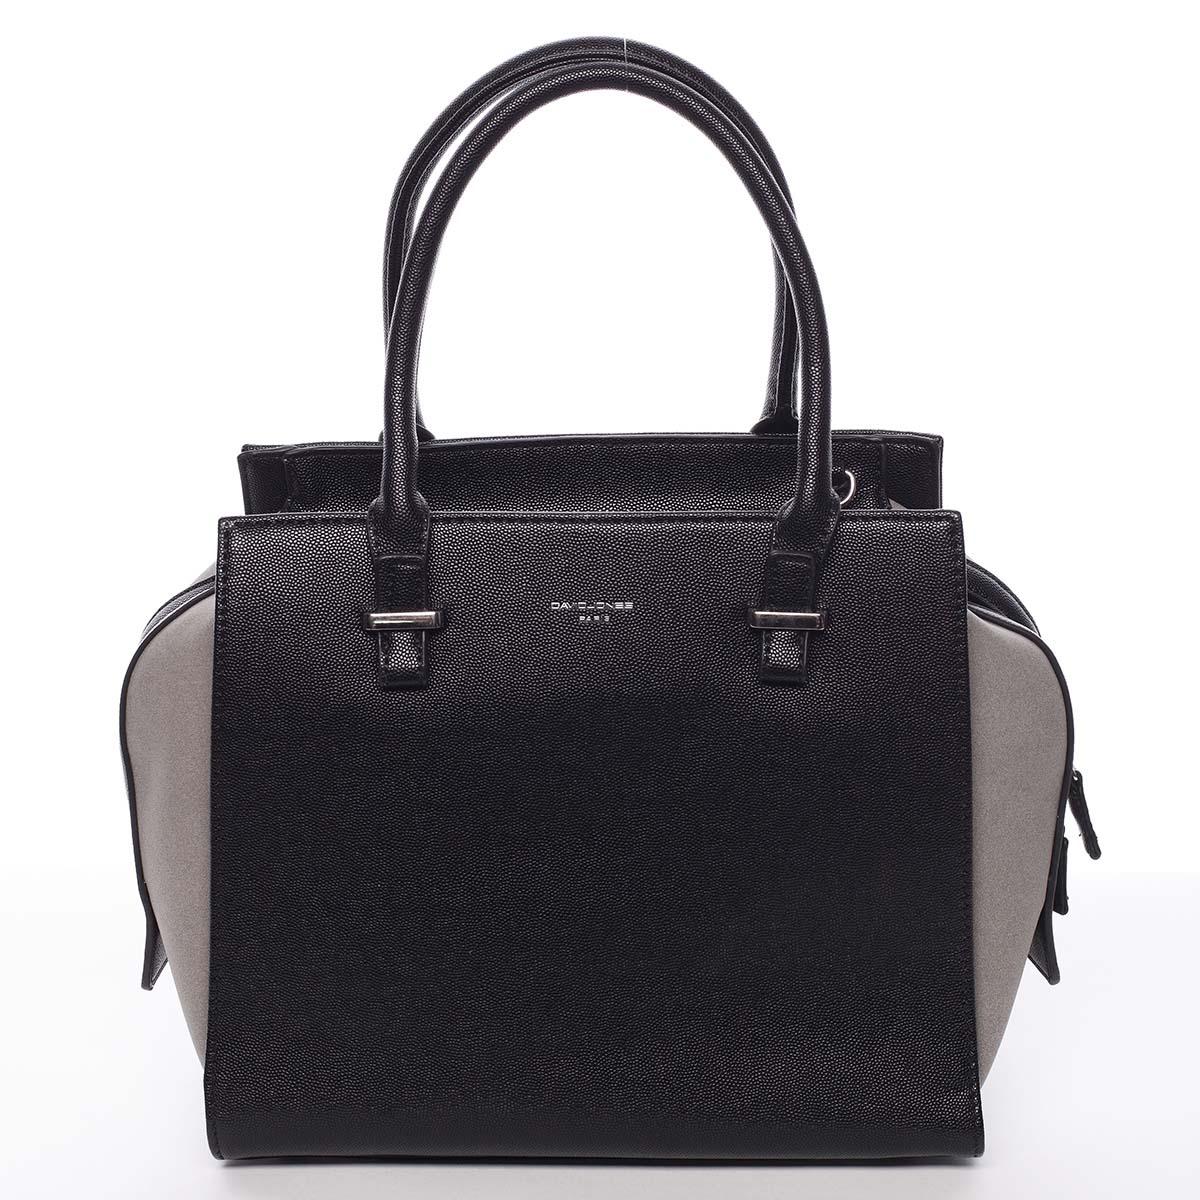 Luxusná módna čierna kabelka cez rameno - David Jones Ariana čierna